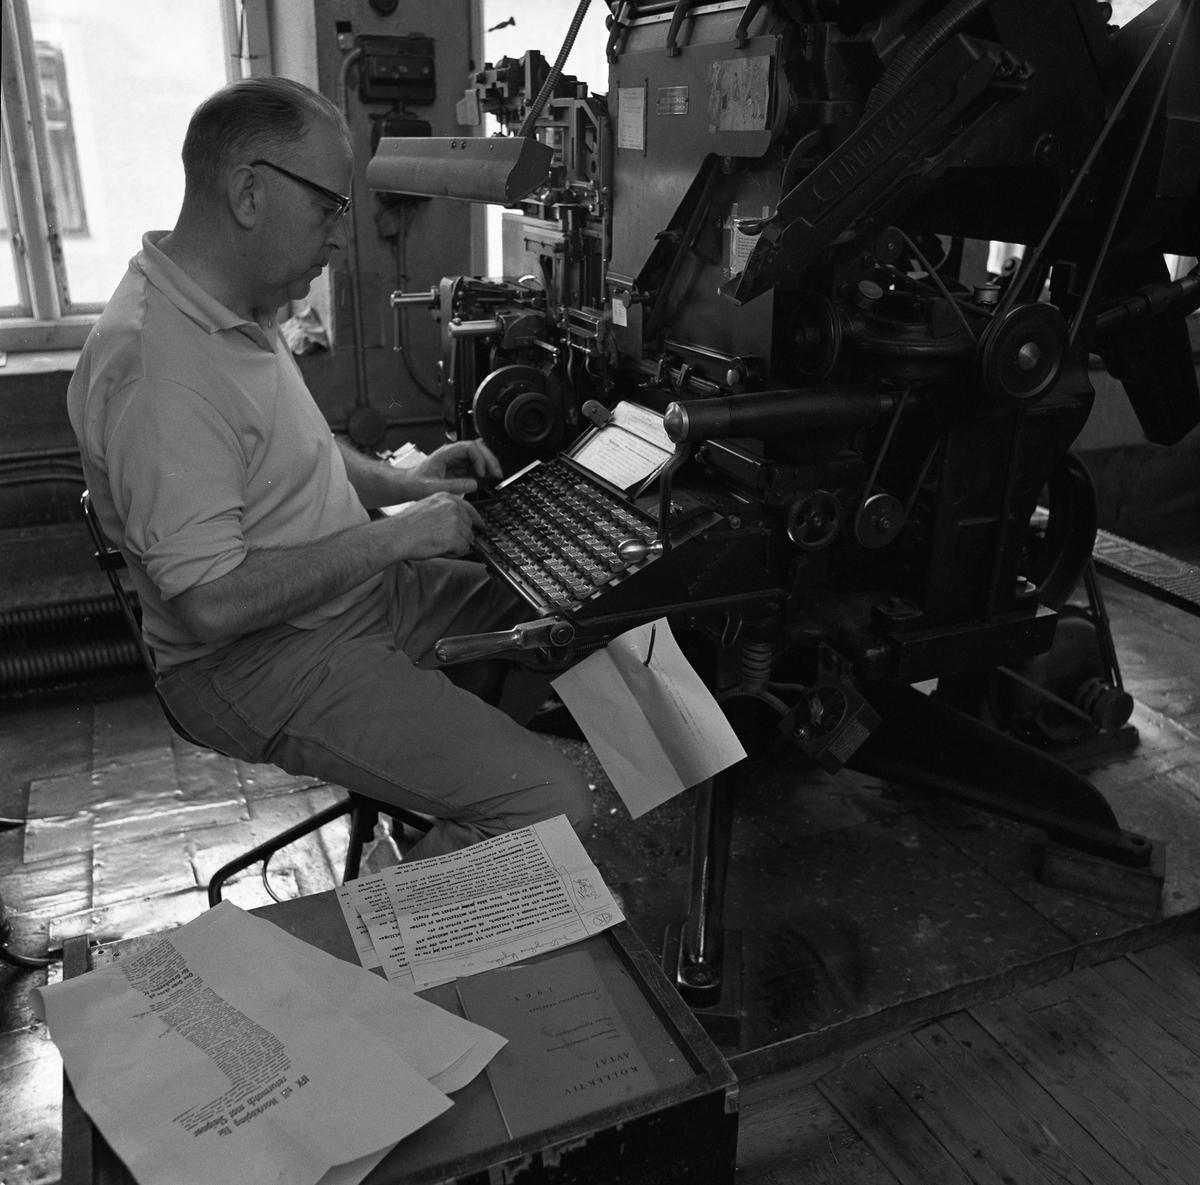 Arboga Tidning, personal och interiör. En man sitter vid en maskin. Maskinen har ett tangentbord som han skriver på. Vid sidan av mannen ligger papper utspridda.